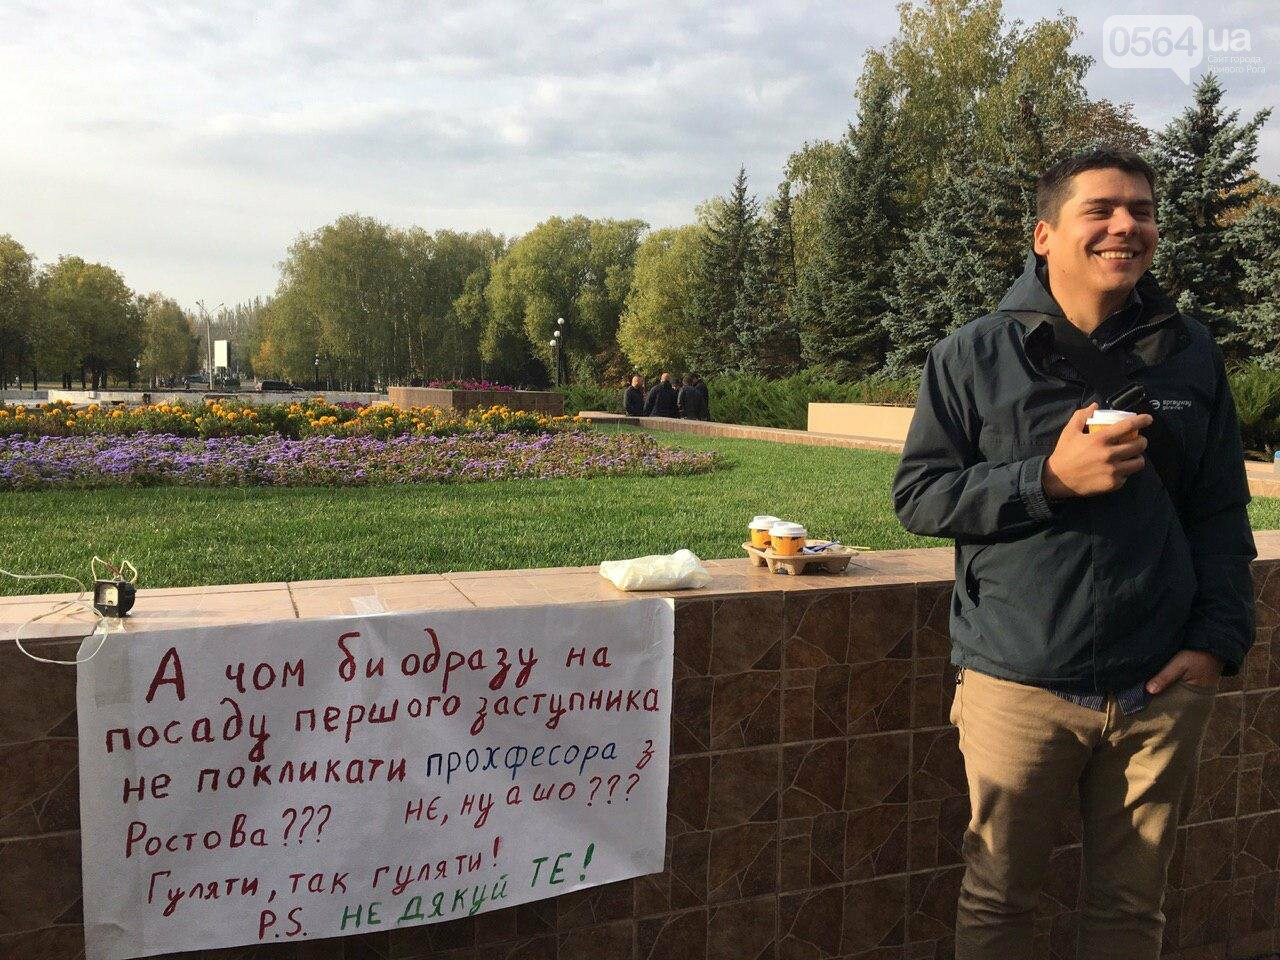 Криворожские активисты вместо Павлова на должность заместителя мэра Кривого Рога предложили Януковича, - ФОТО, ВИДЕО, фото-5